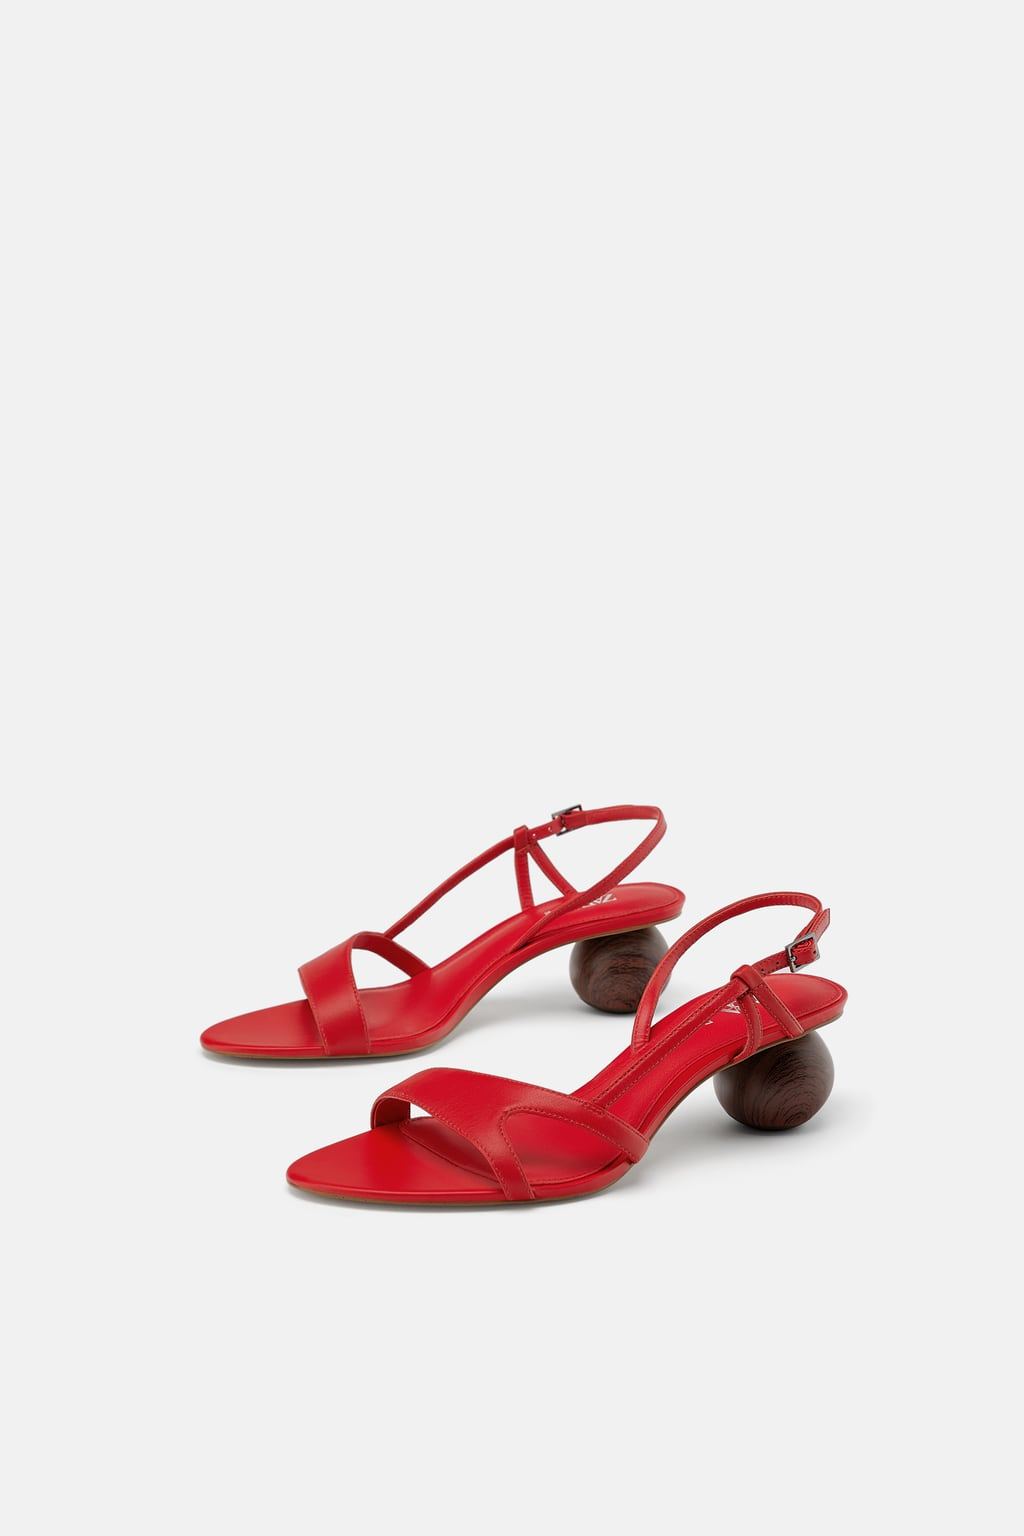 Zara  round heeled leather sandals